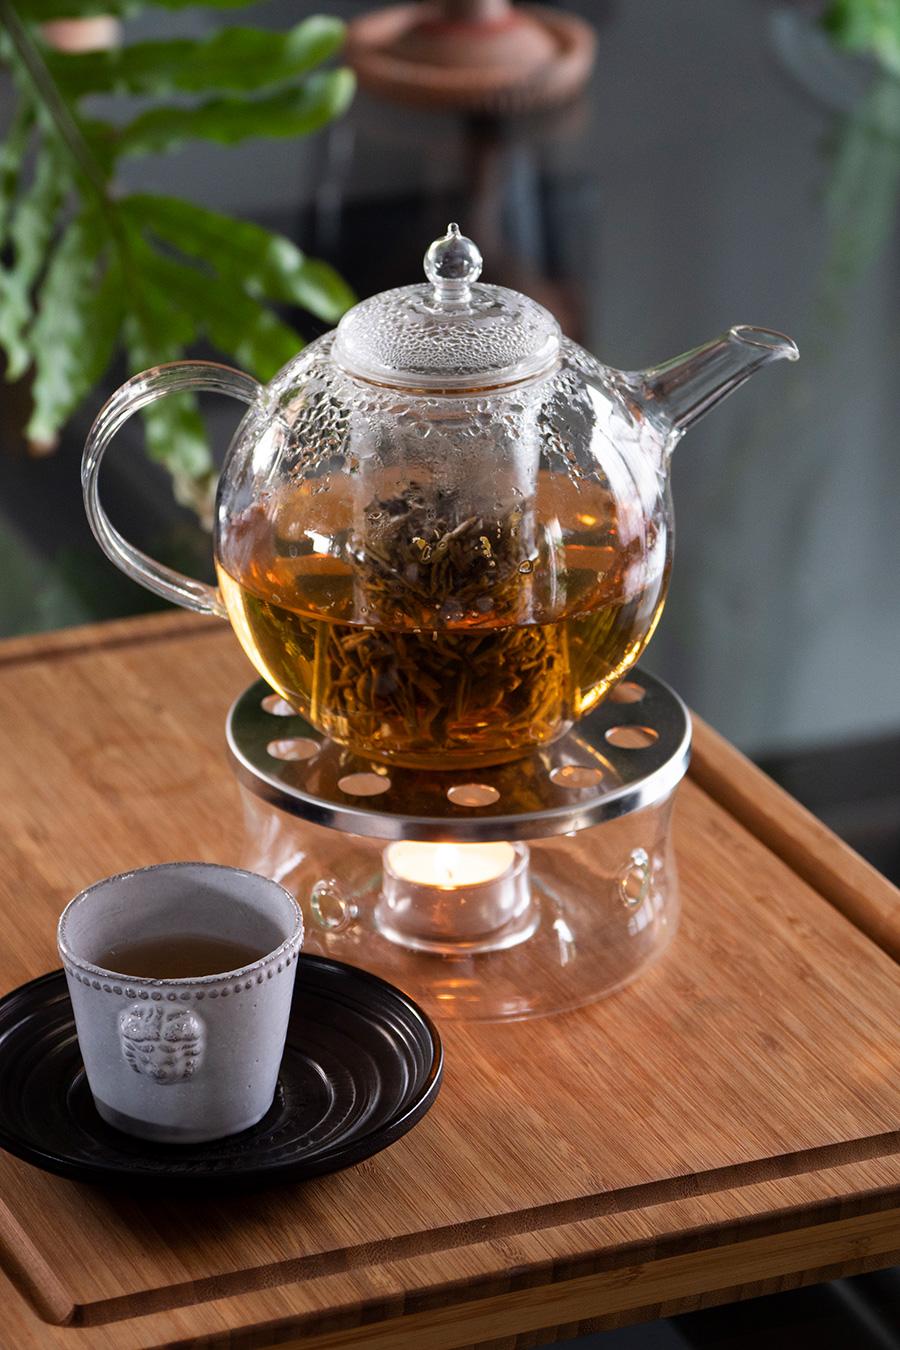 長年探してやっと見つけた真ん丸のガラスのポットでお茶を。日本の職人がつくる吹きガラスで、ウォーマーもあり暖かいお茶を長く楽しめる。